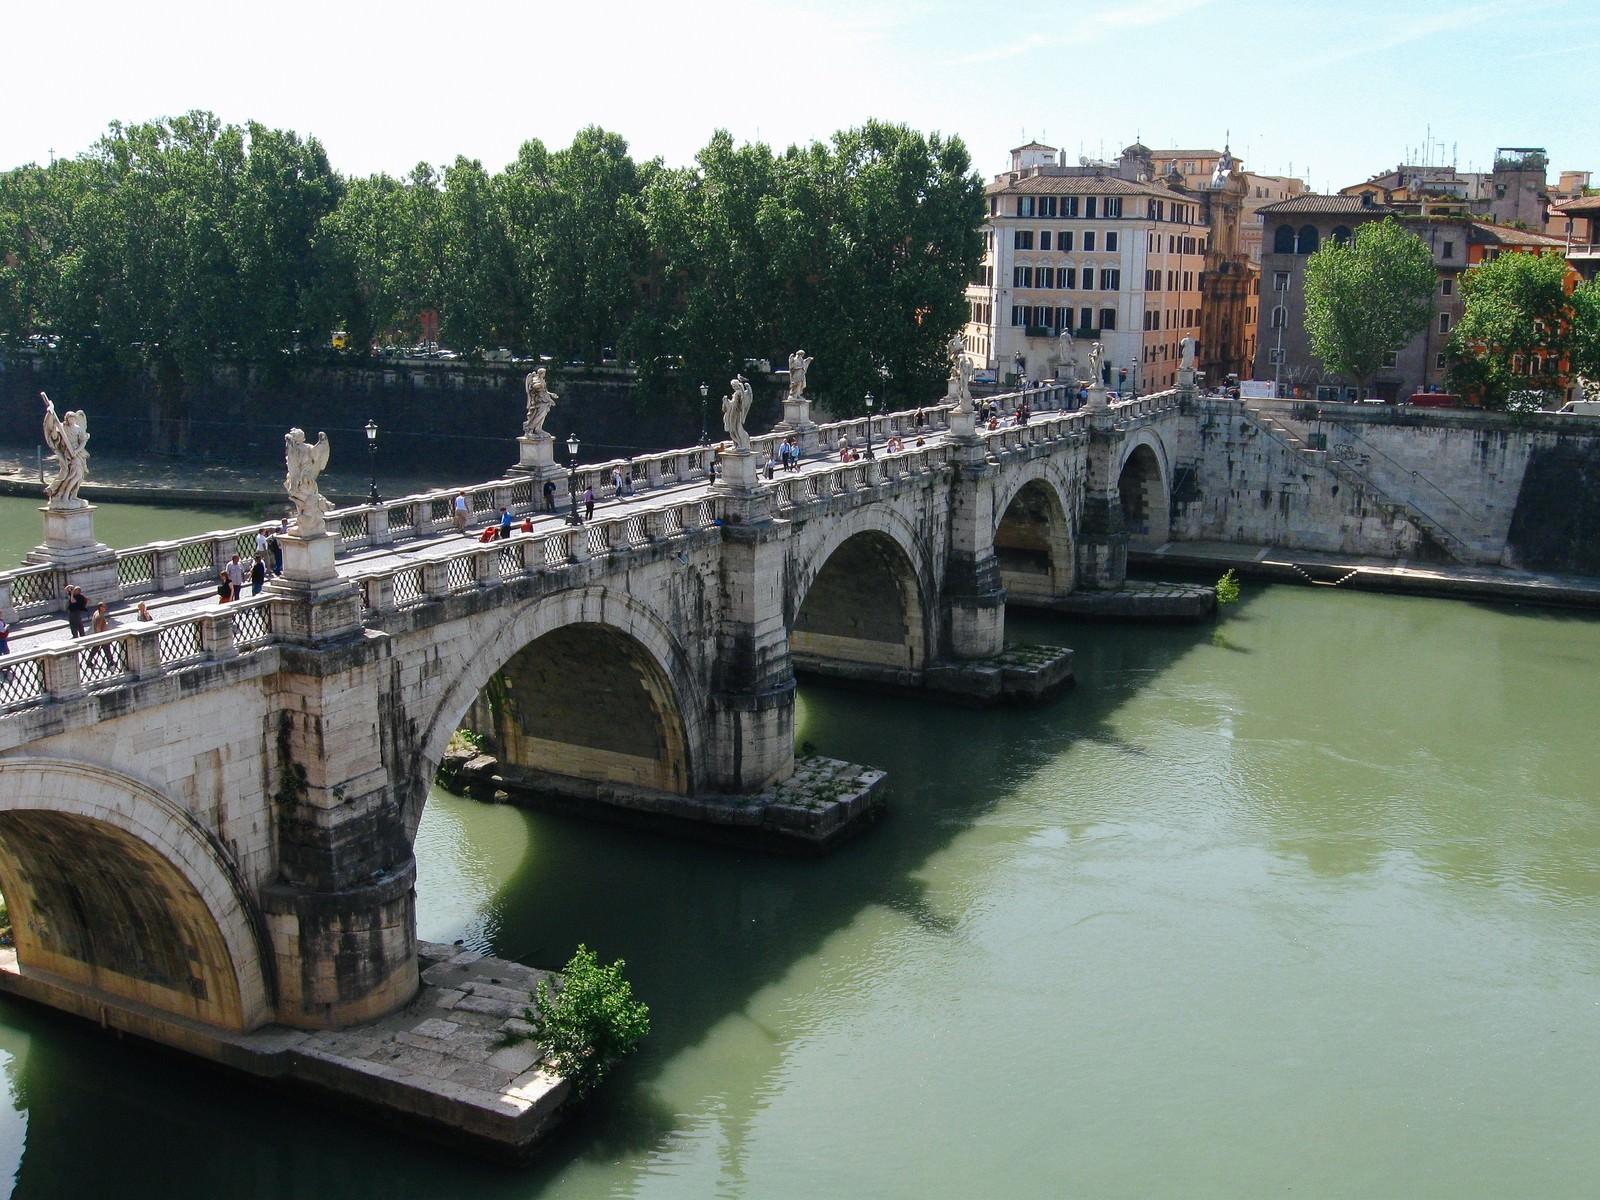 「ローマを流れる川に架かるメガネ橋(イタリア)」の写真